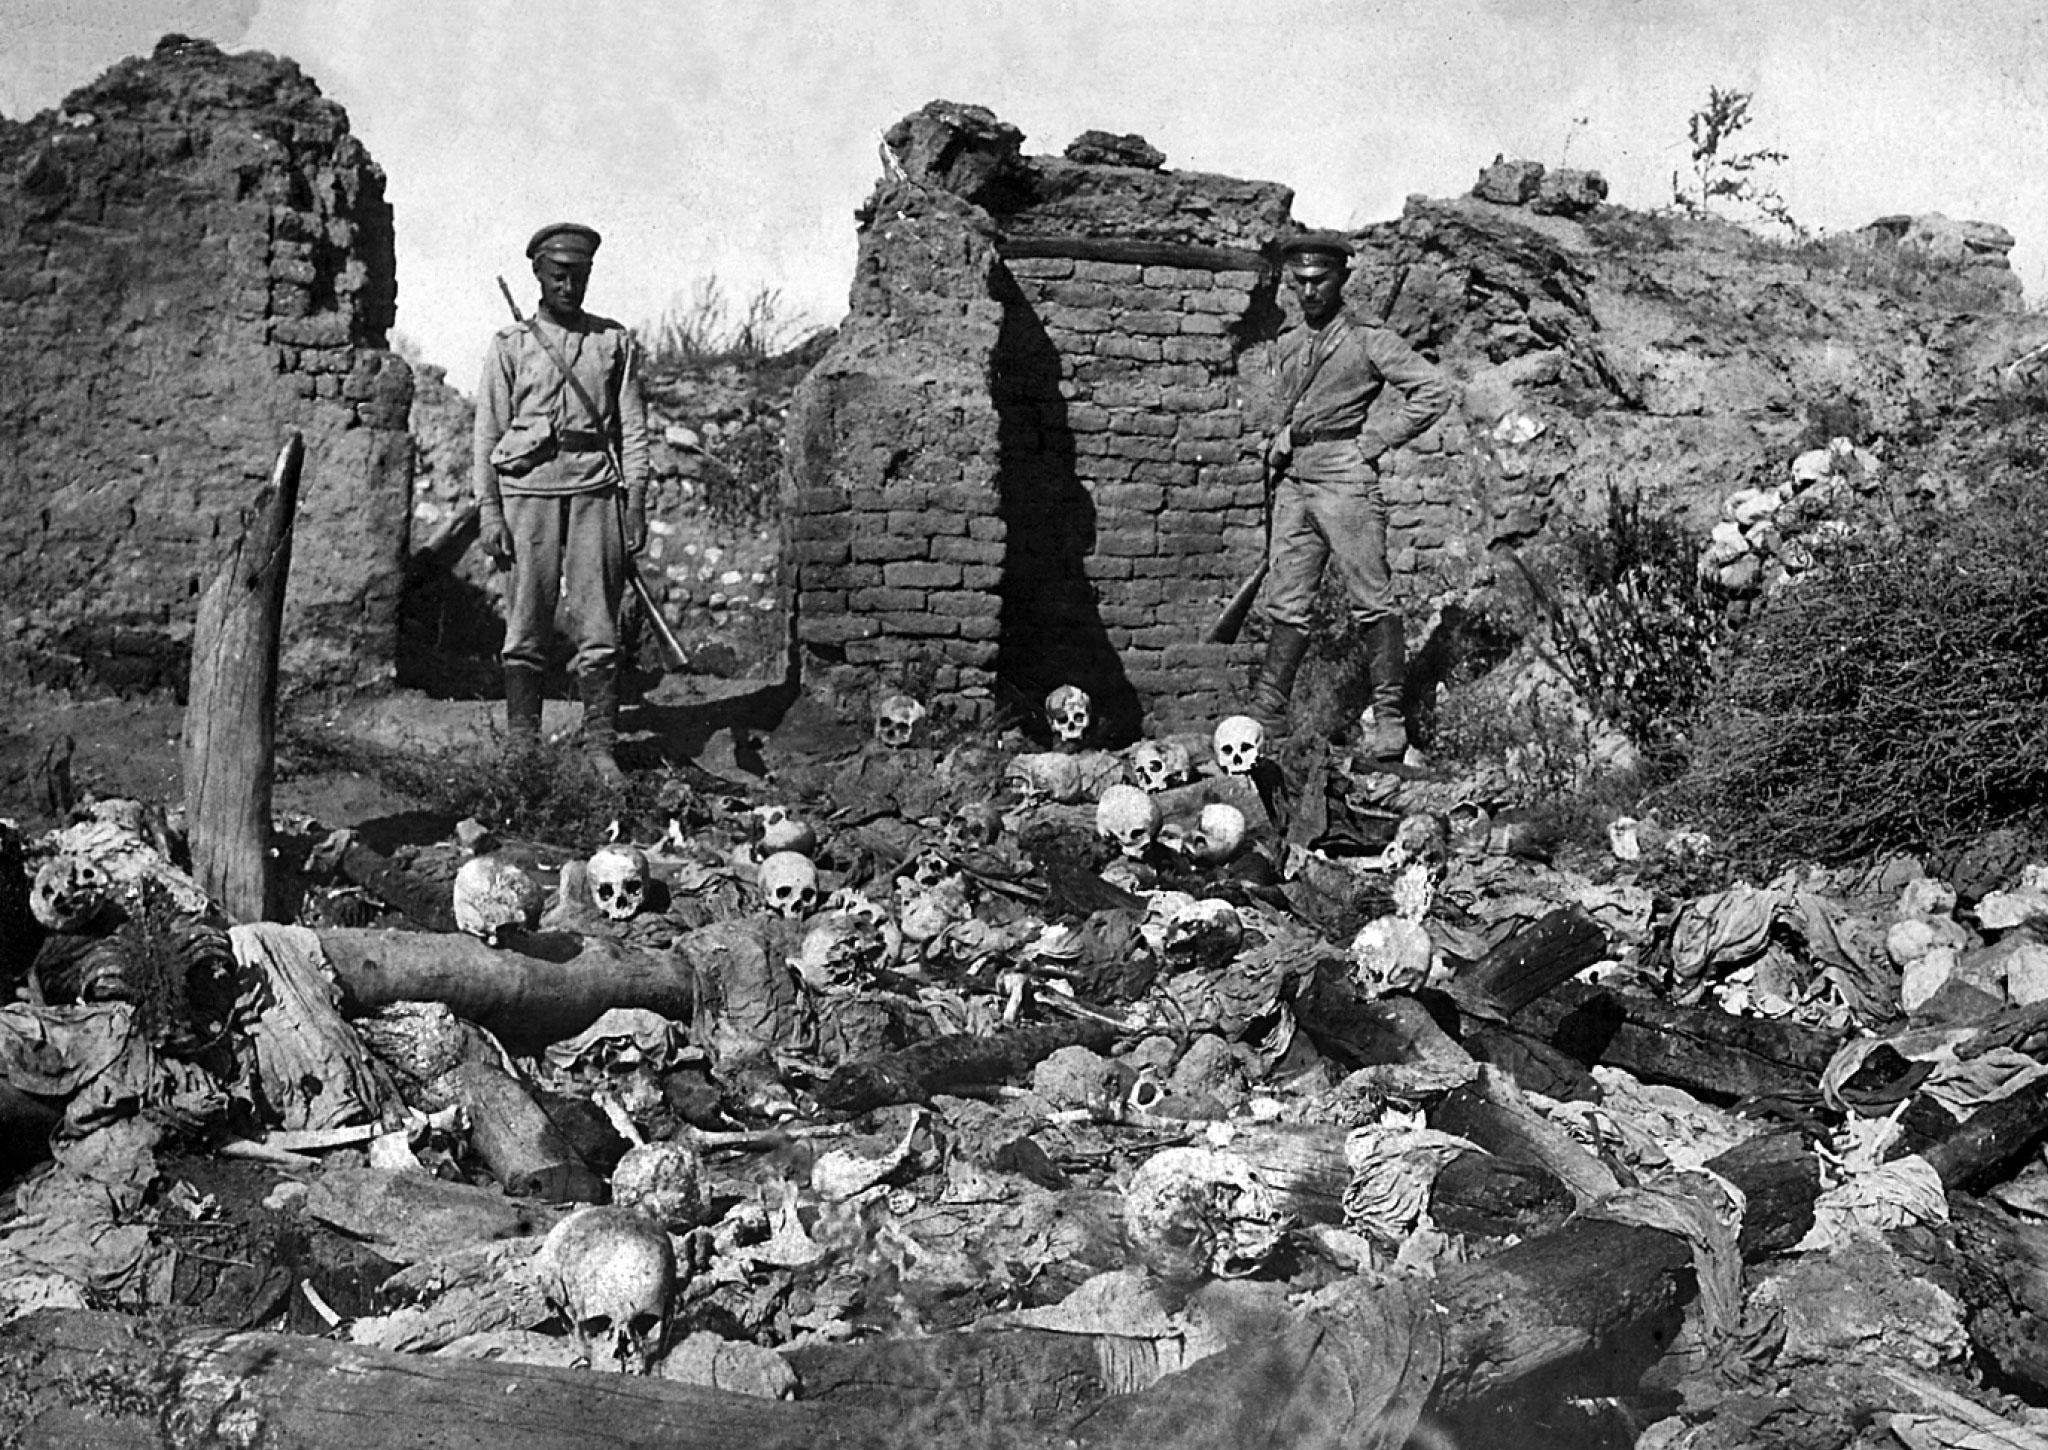 亚美尼亚大屠杀历史图片,土耳其拒绝承认这是有预谋的屠杀